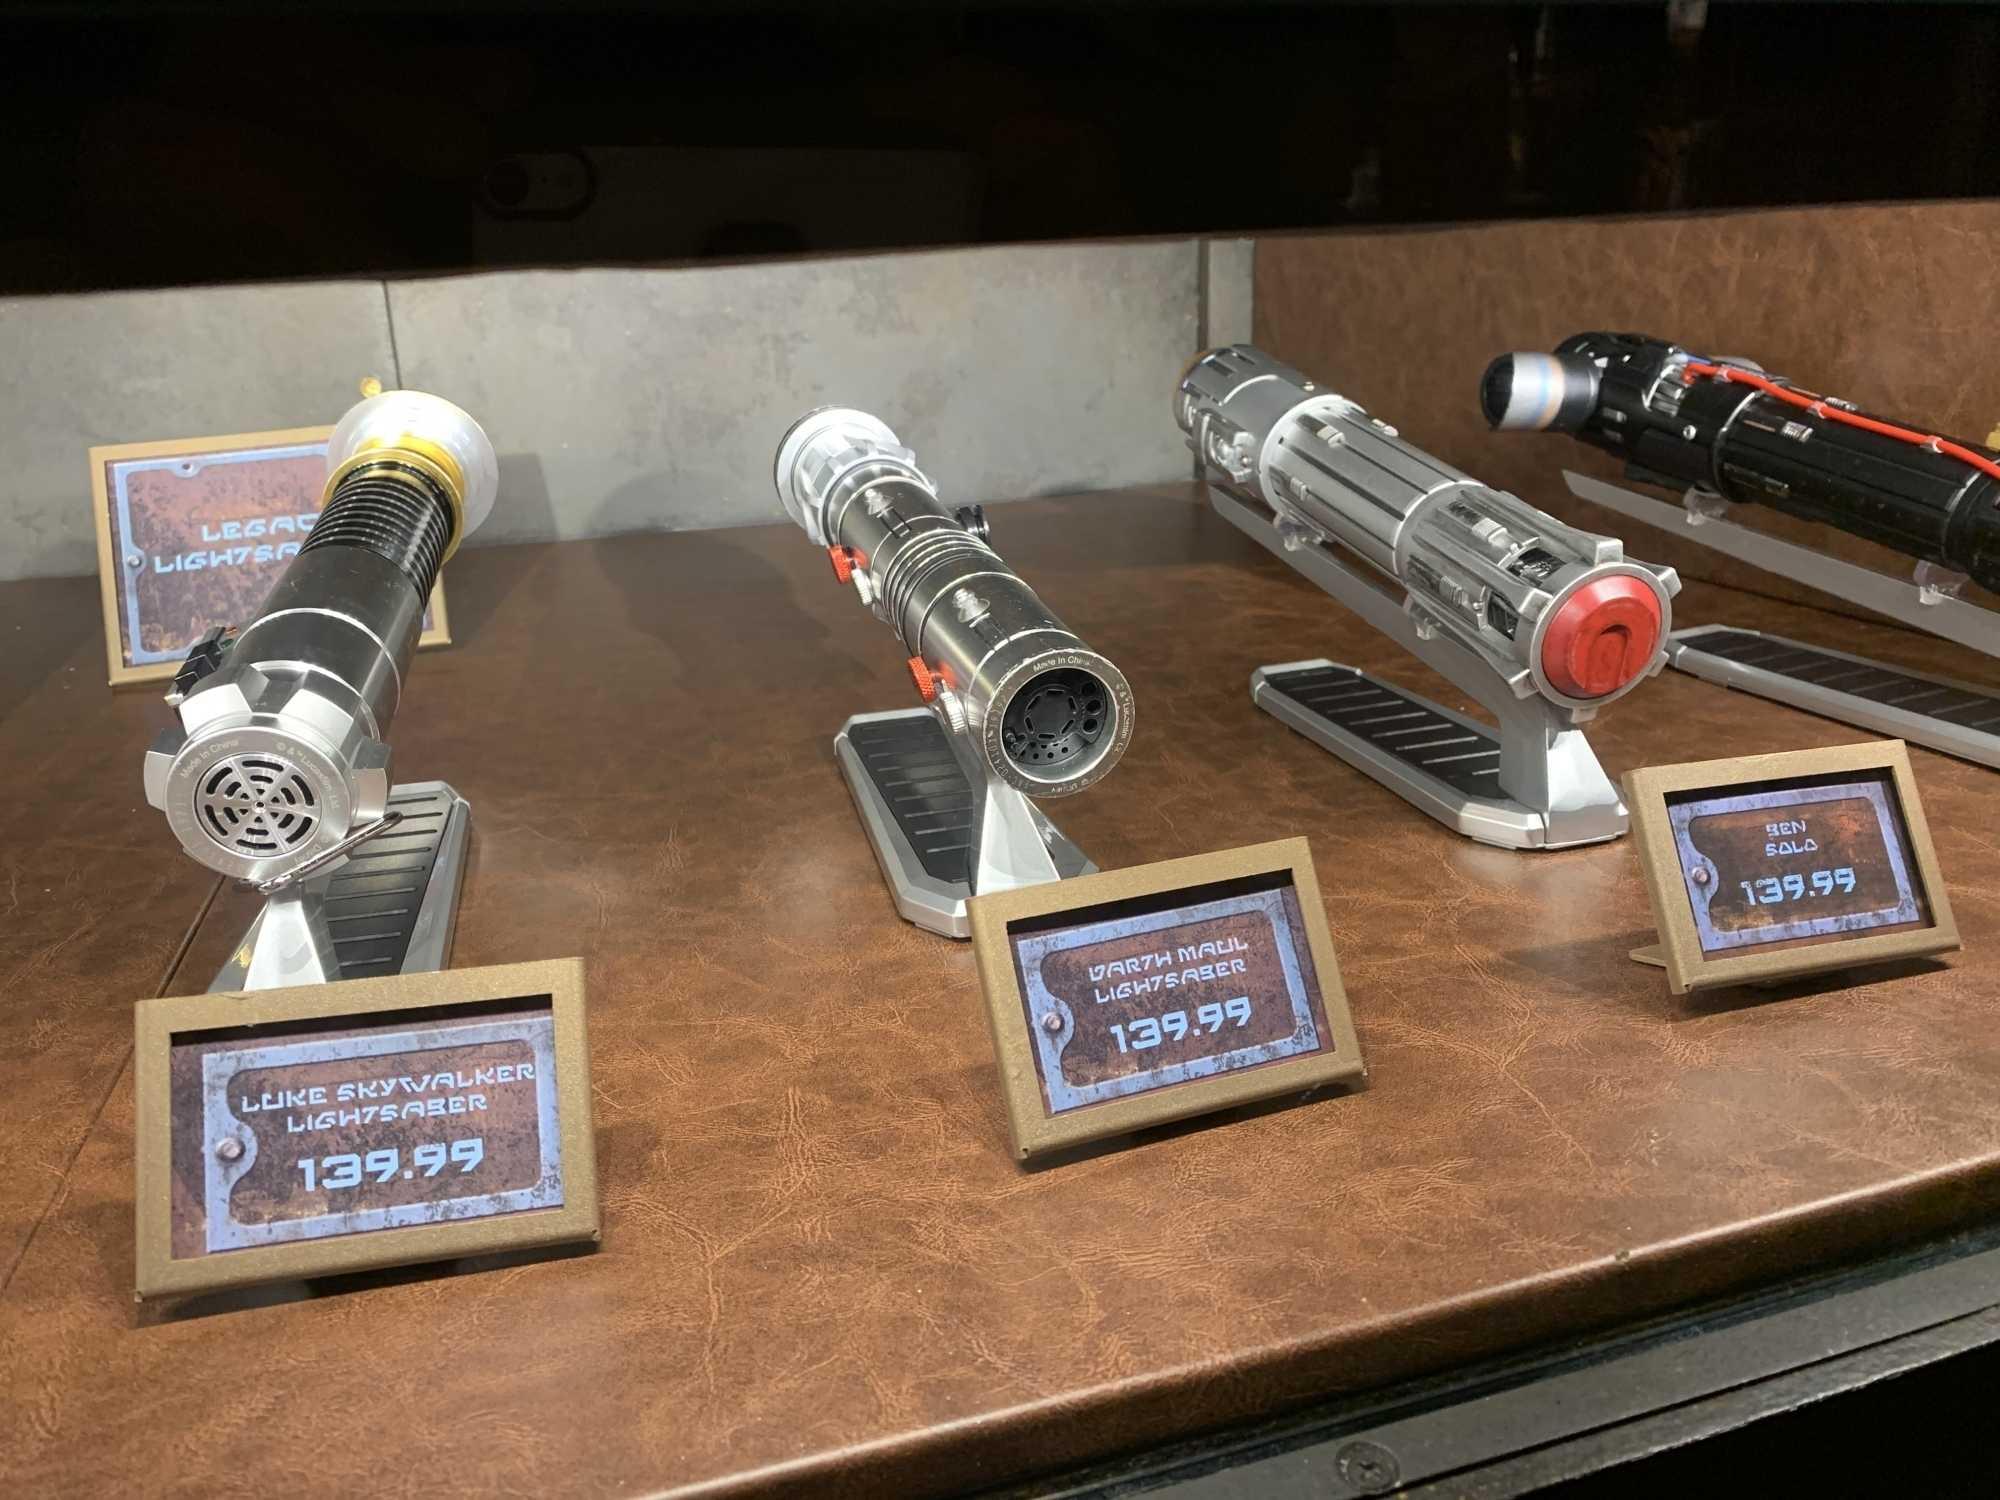 Edle Waffen: Bei Dok-Ondar gibt es exklusive Replikas der bekanntesten Lichtschwerter. Ein Exemplar kostet inklusive Steuern ab circa 150 Dollar, für den Leuchtstab muss man noch einmal 50 Dollar anlegen